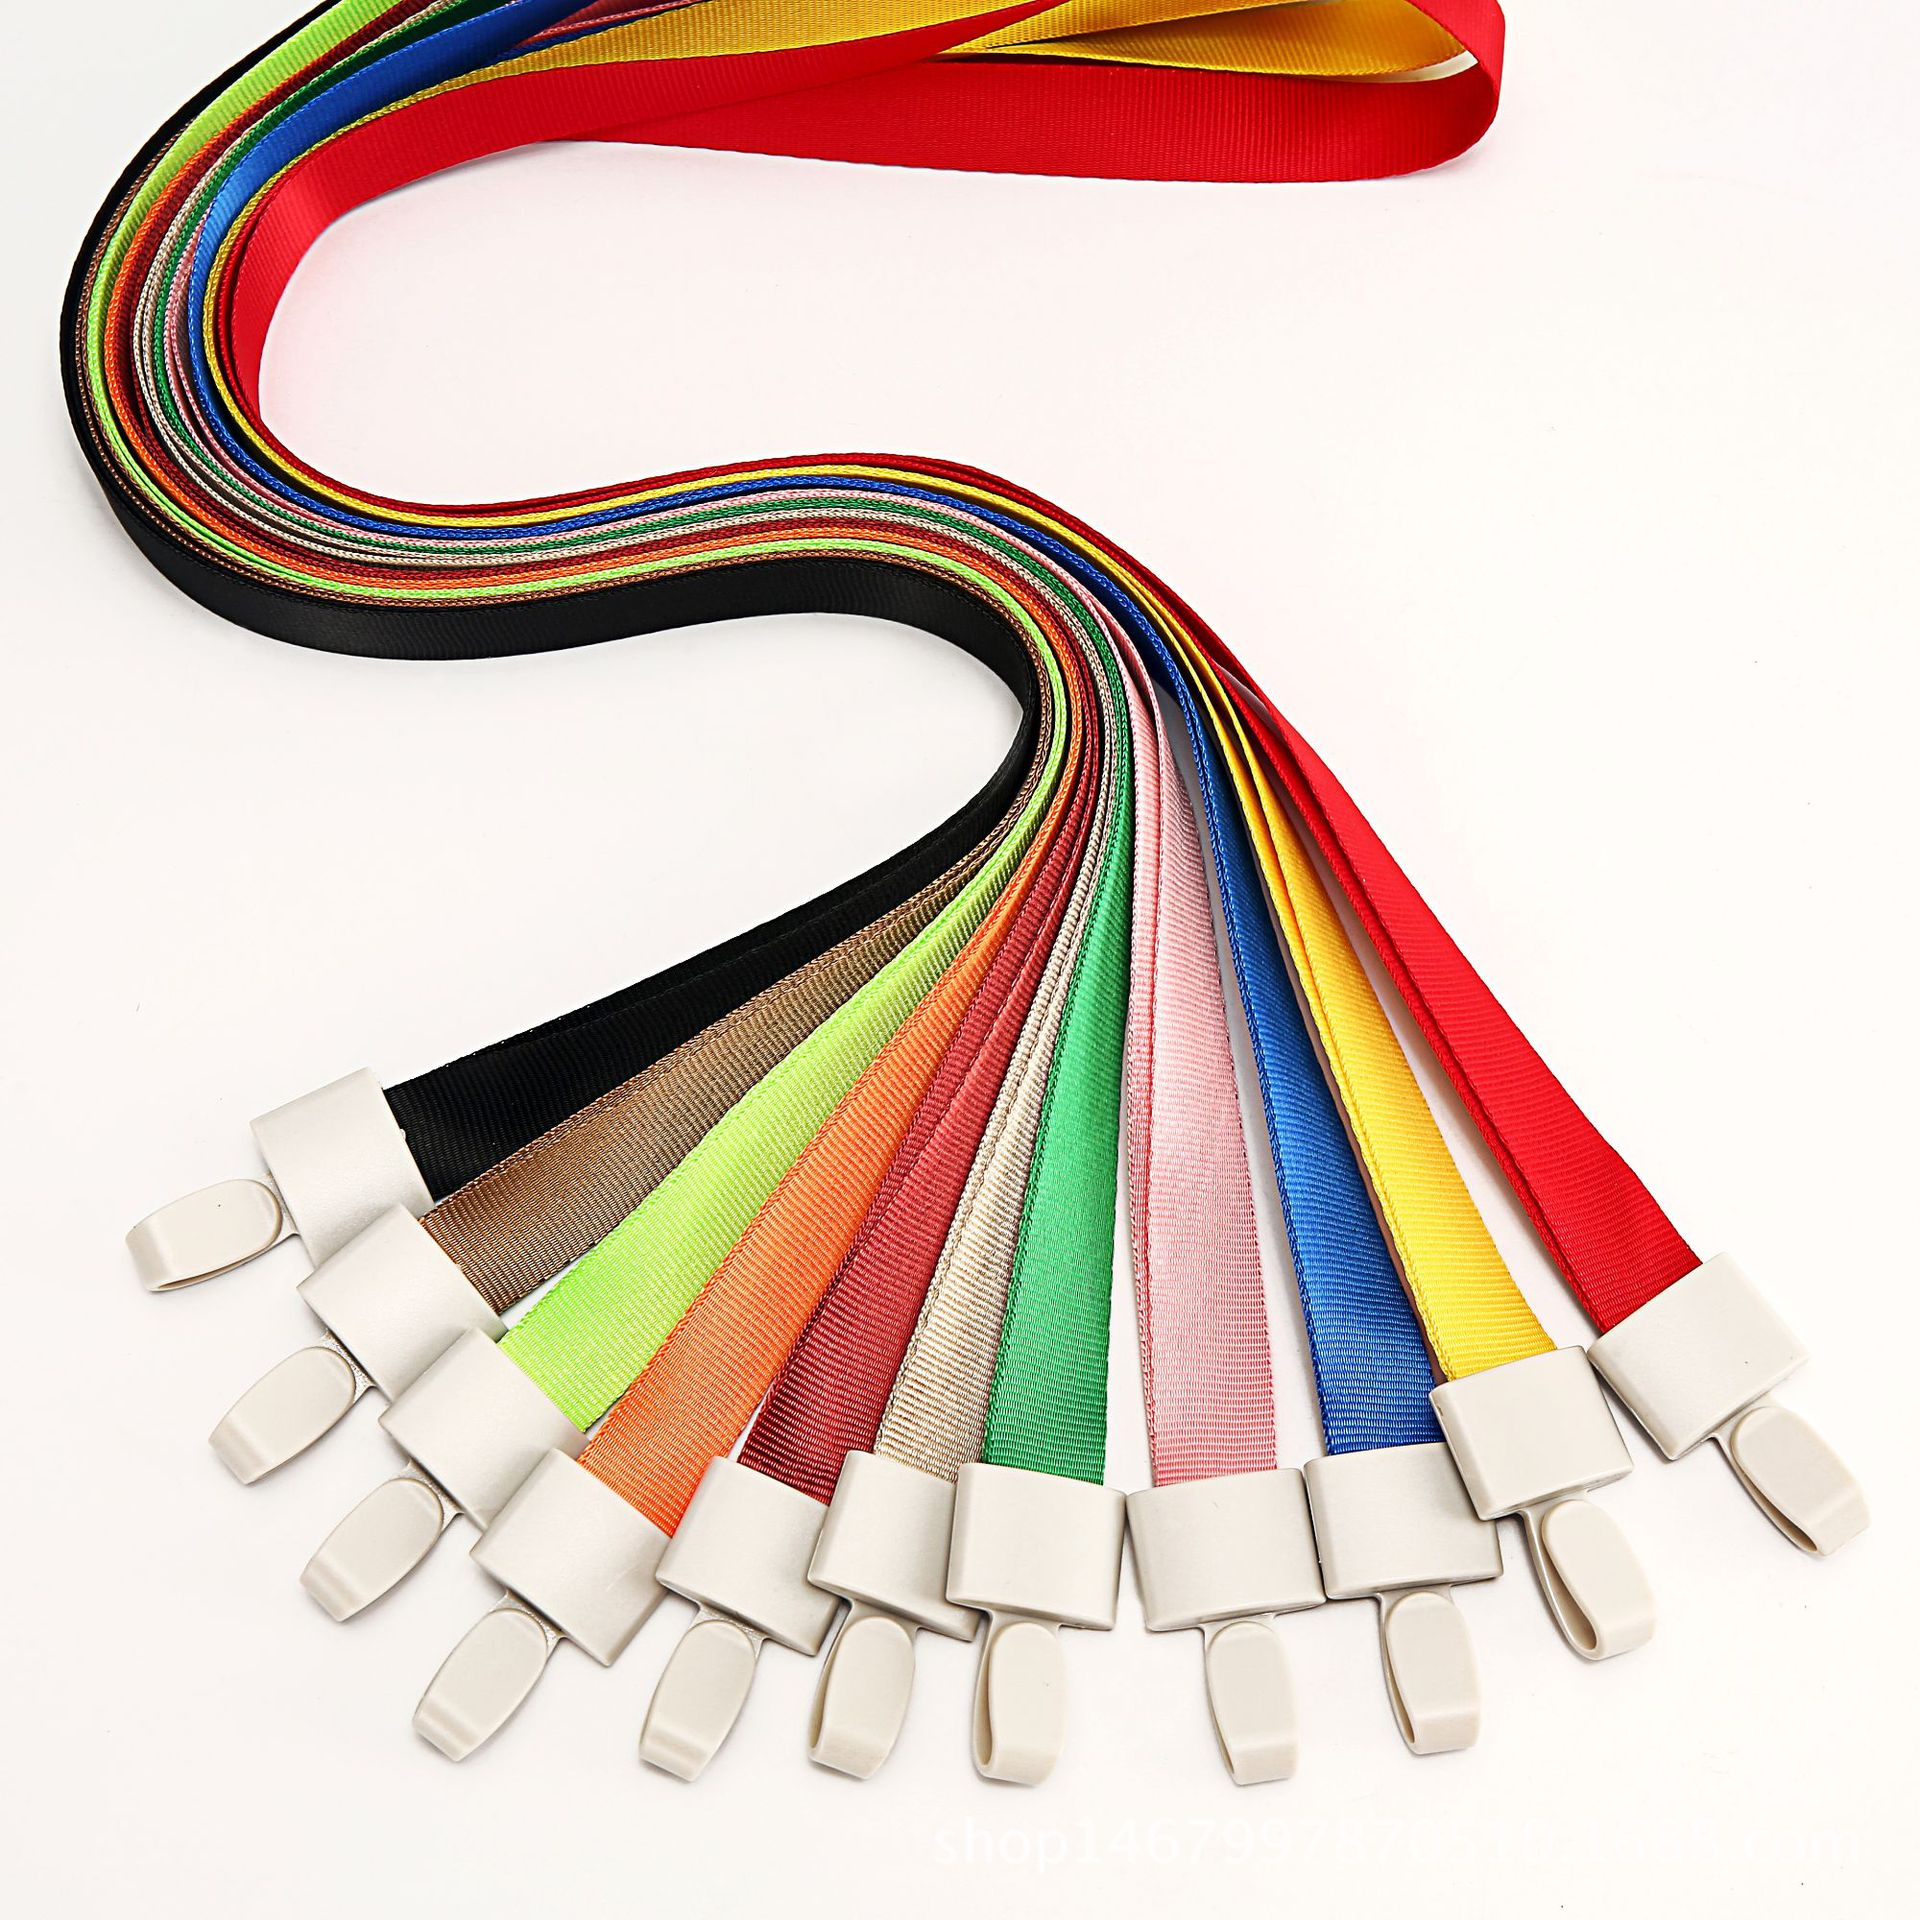 JINBANG dây đeo Nhà máy cổ phiếu bán hàng trực tiếp nhựa khóa tài liệu triển lãm dây buộc giấy phép